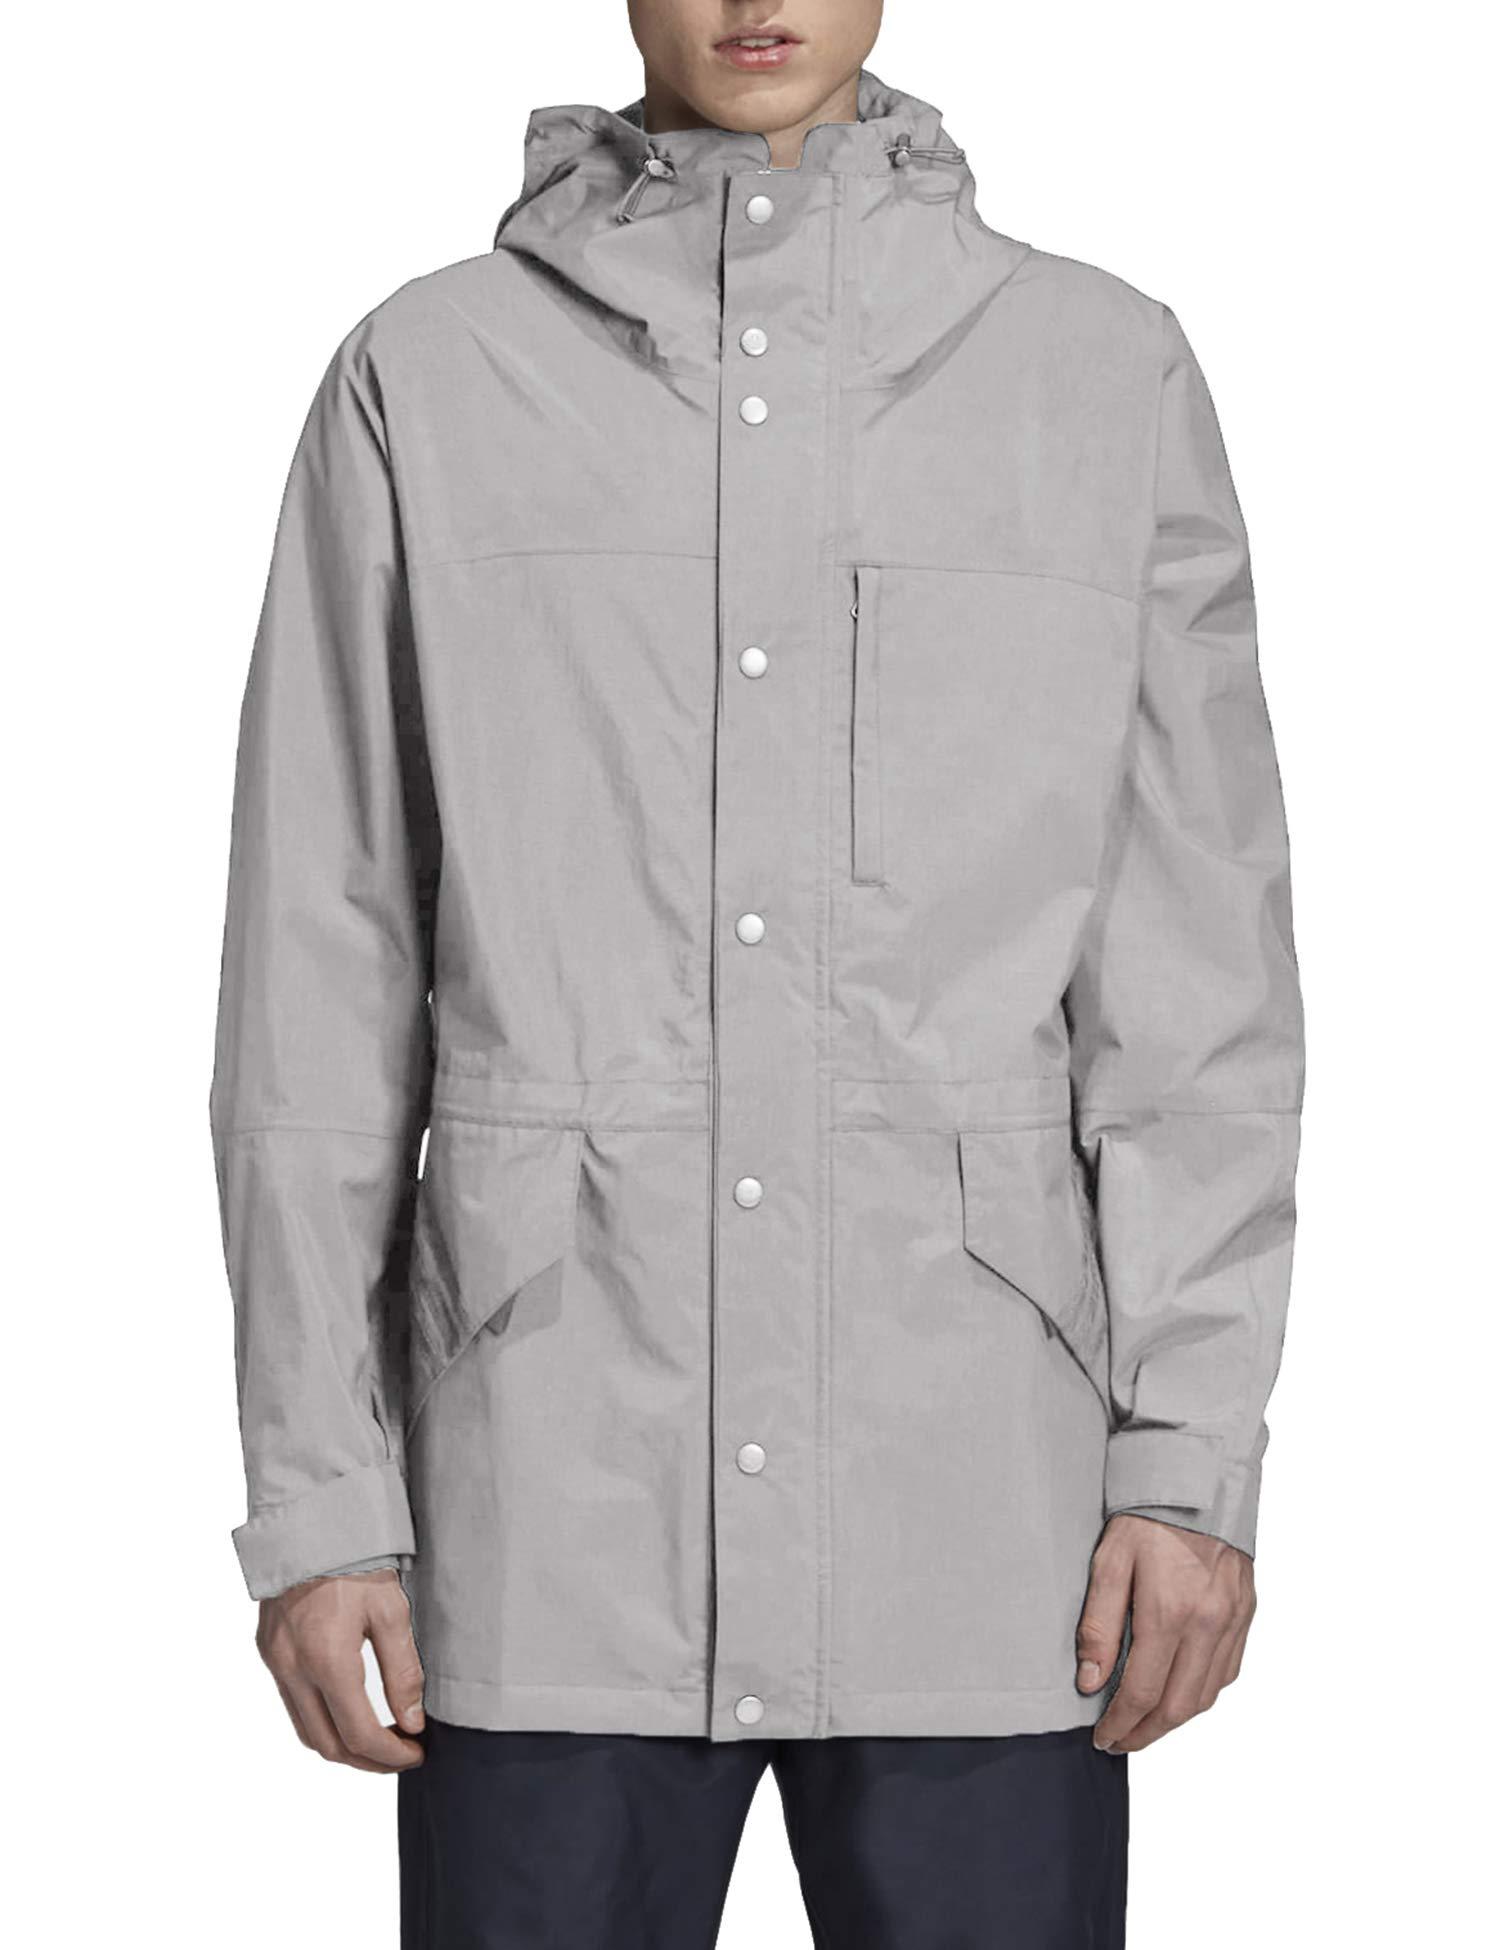 COOFANDY Men's Waterproof Rain Jacket Lightweight Windbreaker Active Outdoor Hooded Long Raincoat Gray by COOFANDY